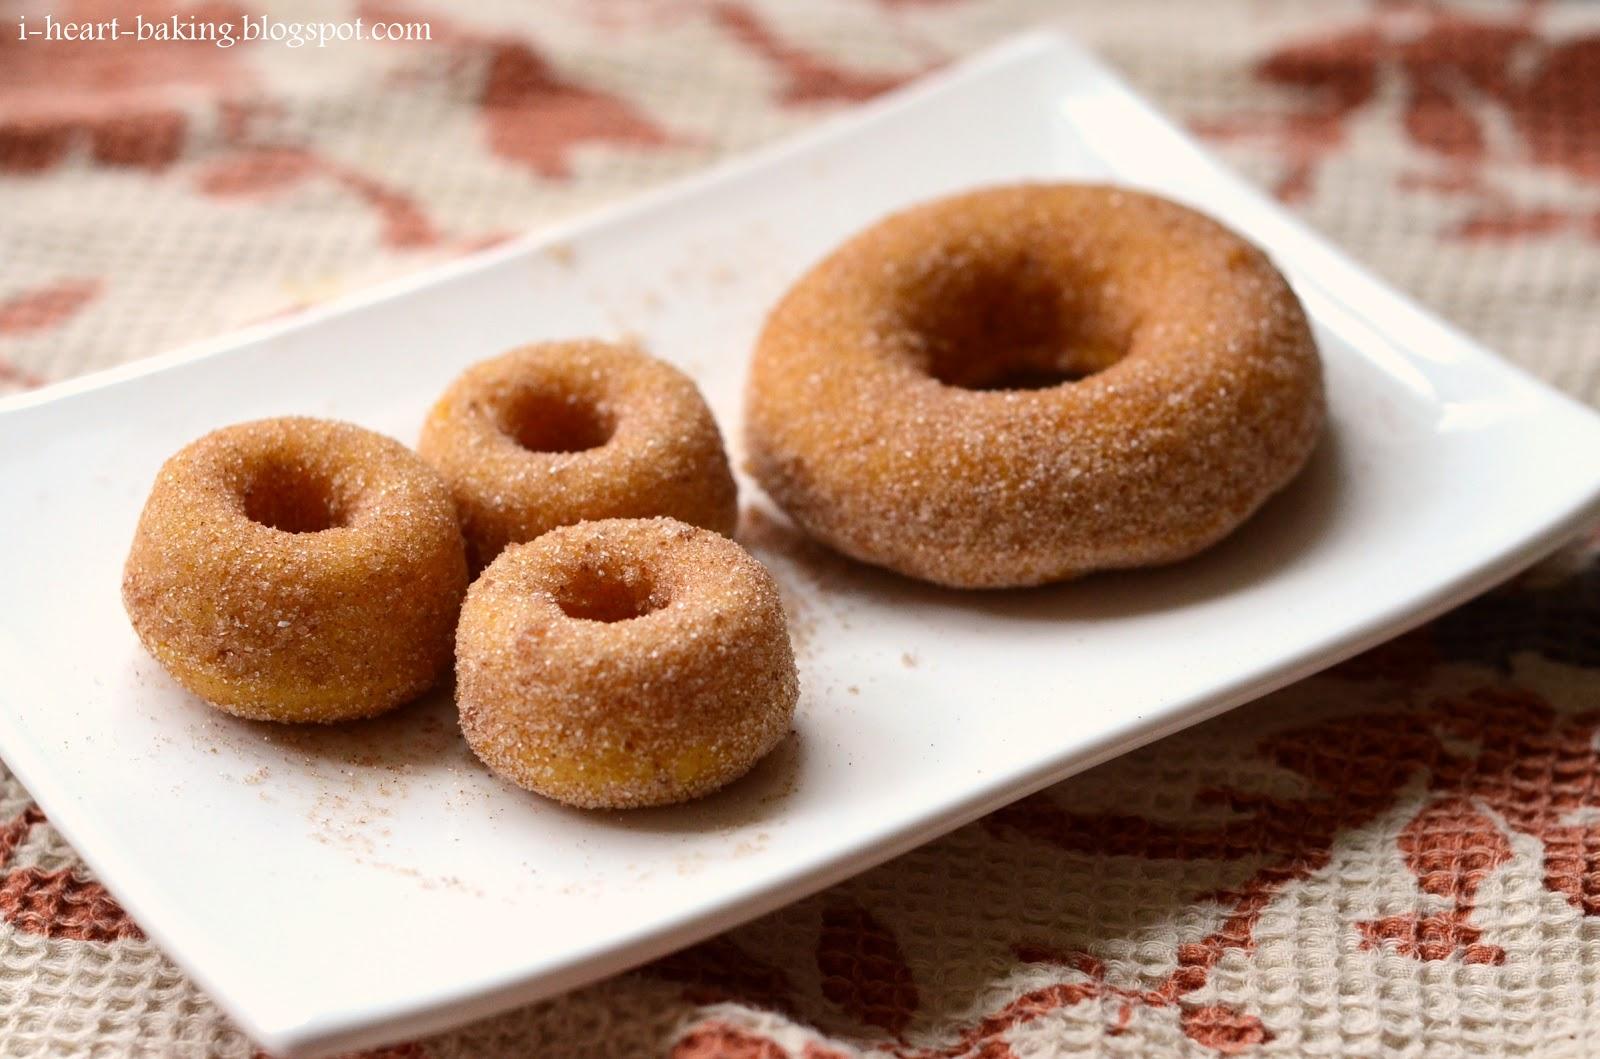 heart baking!: baked pumpkin doughnuts